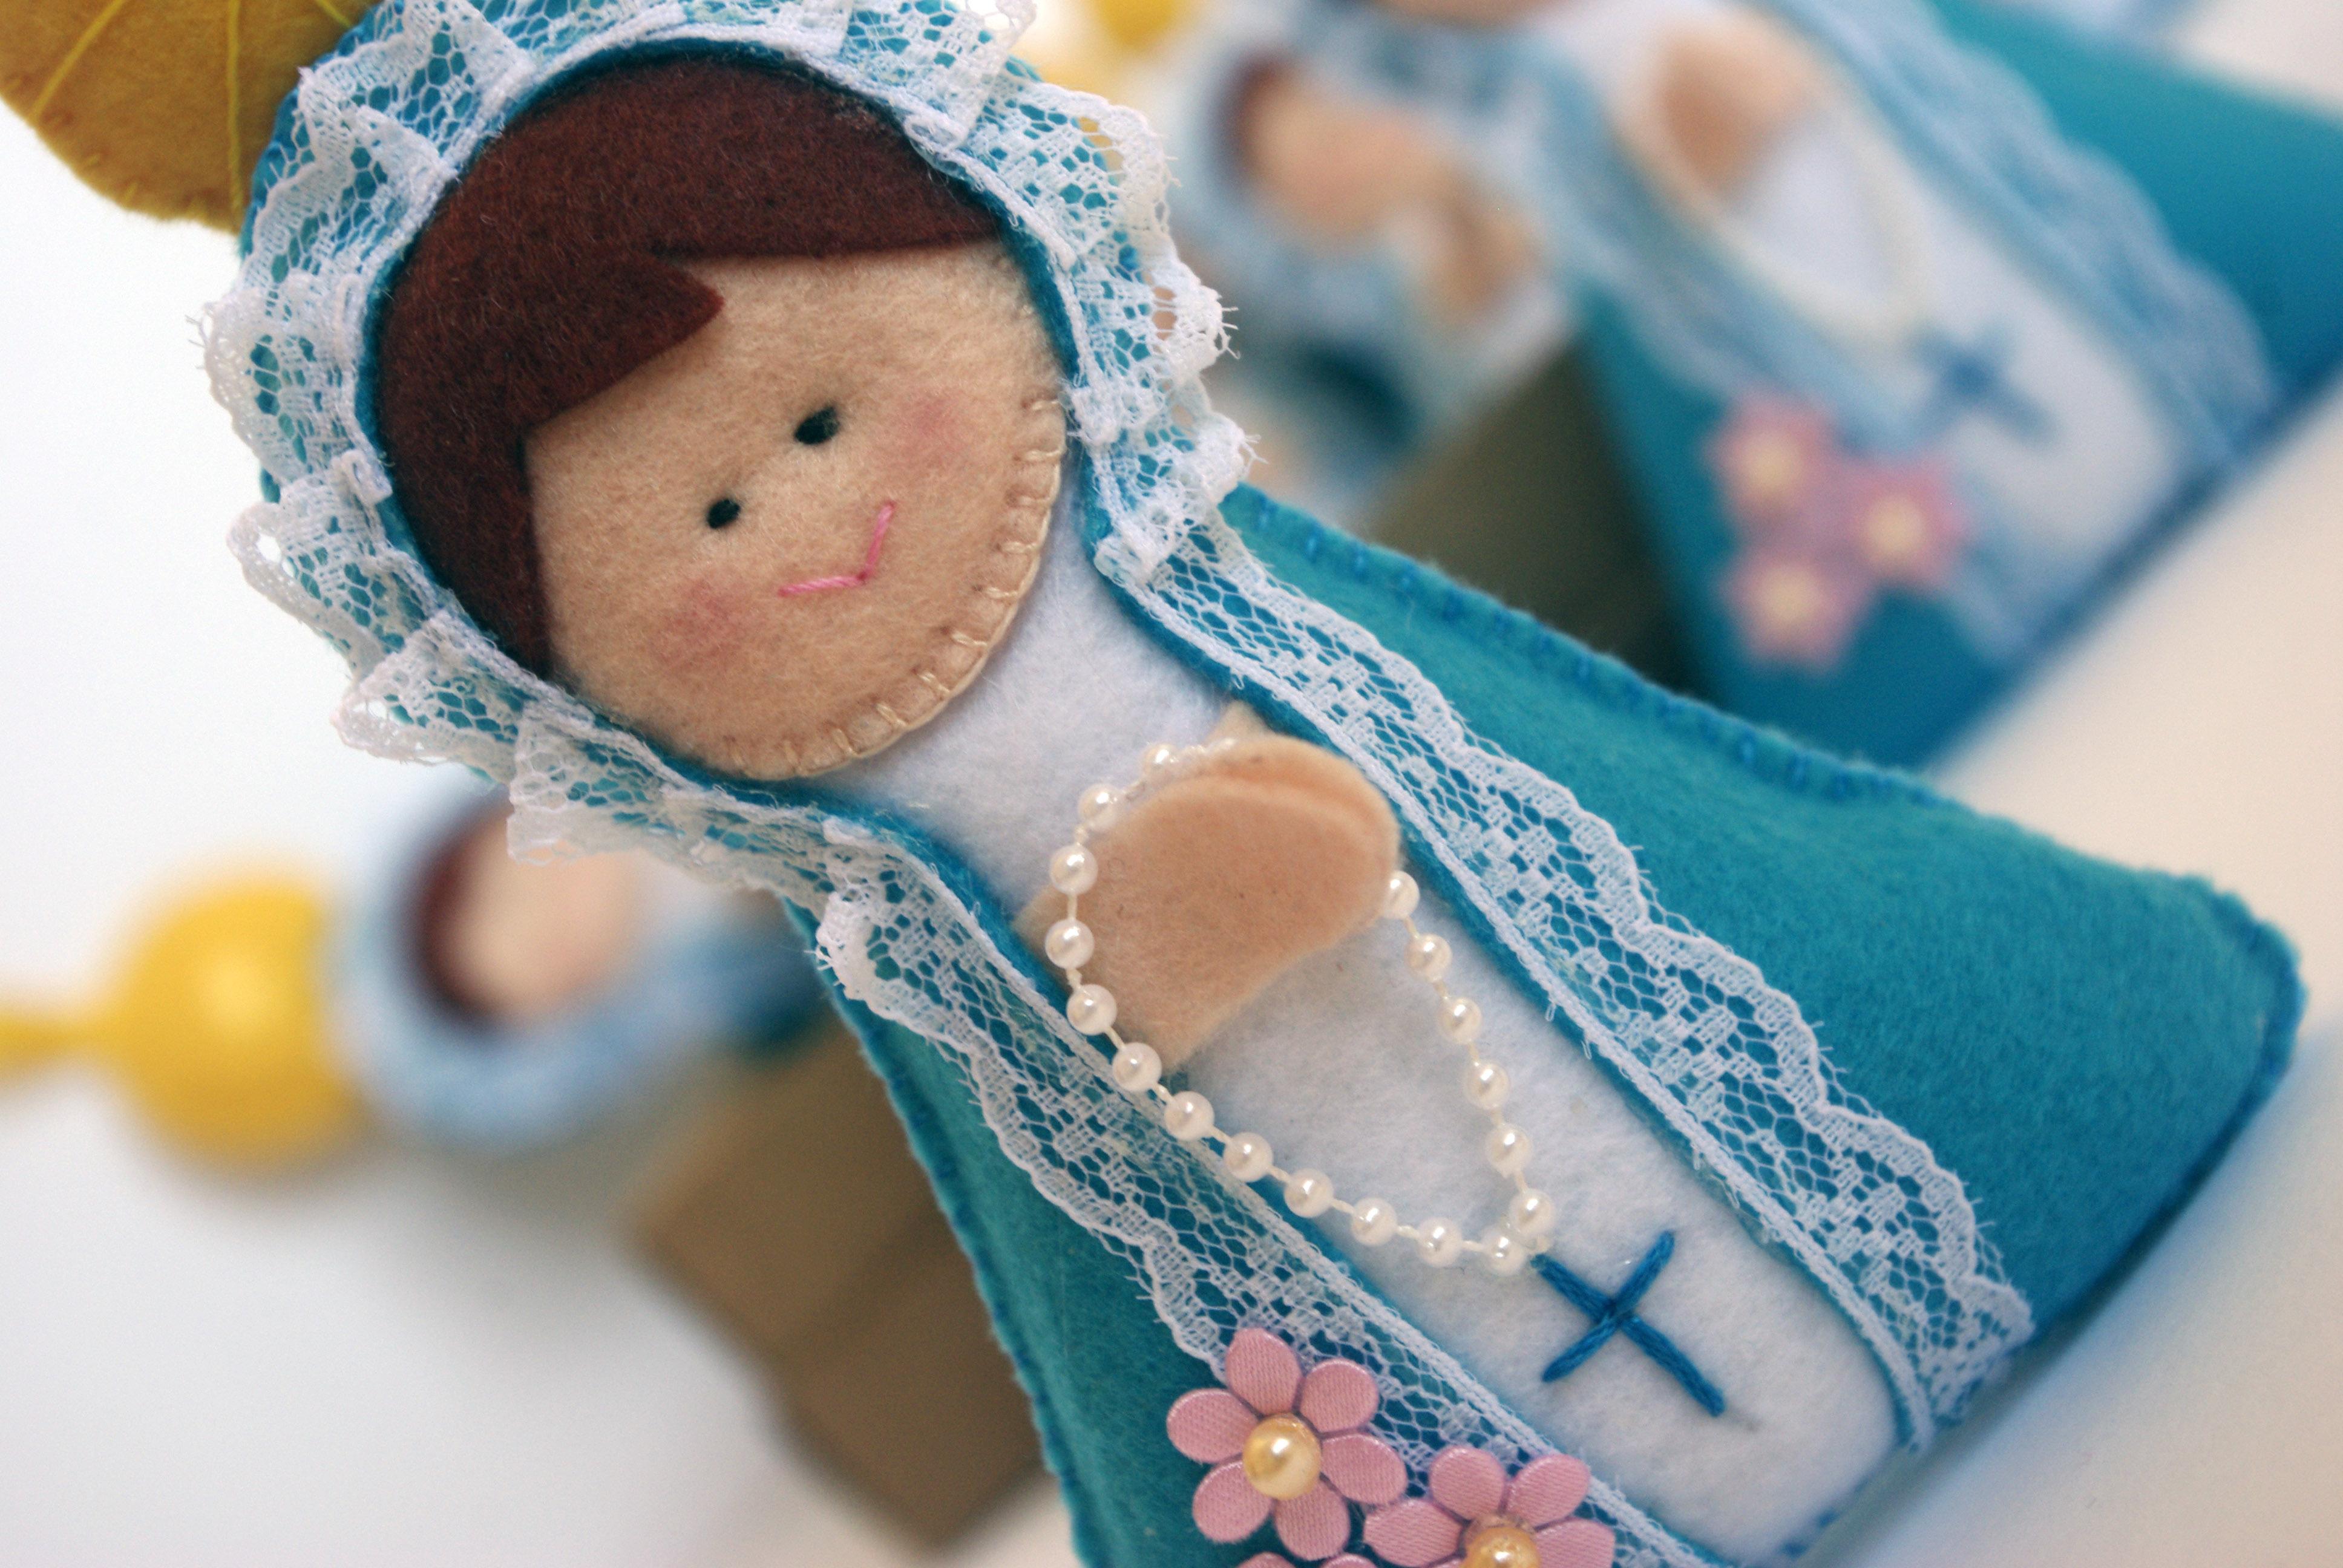 http://img.elo7.com.br/product/original/7F58D7/maezinha-do-ceu-lembranca-de-batismo-lembranca.jpg